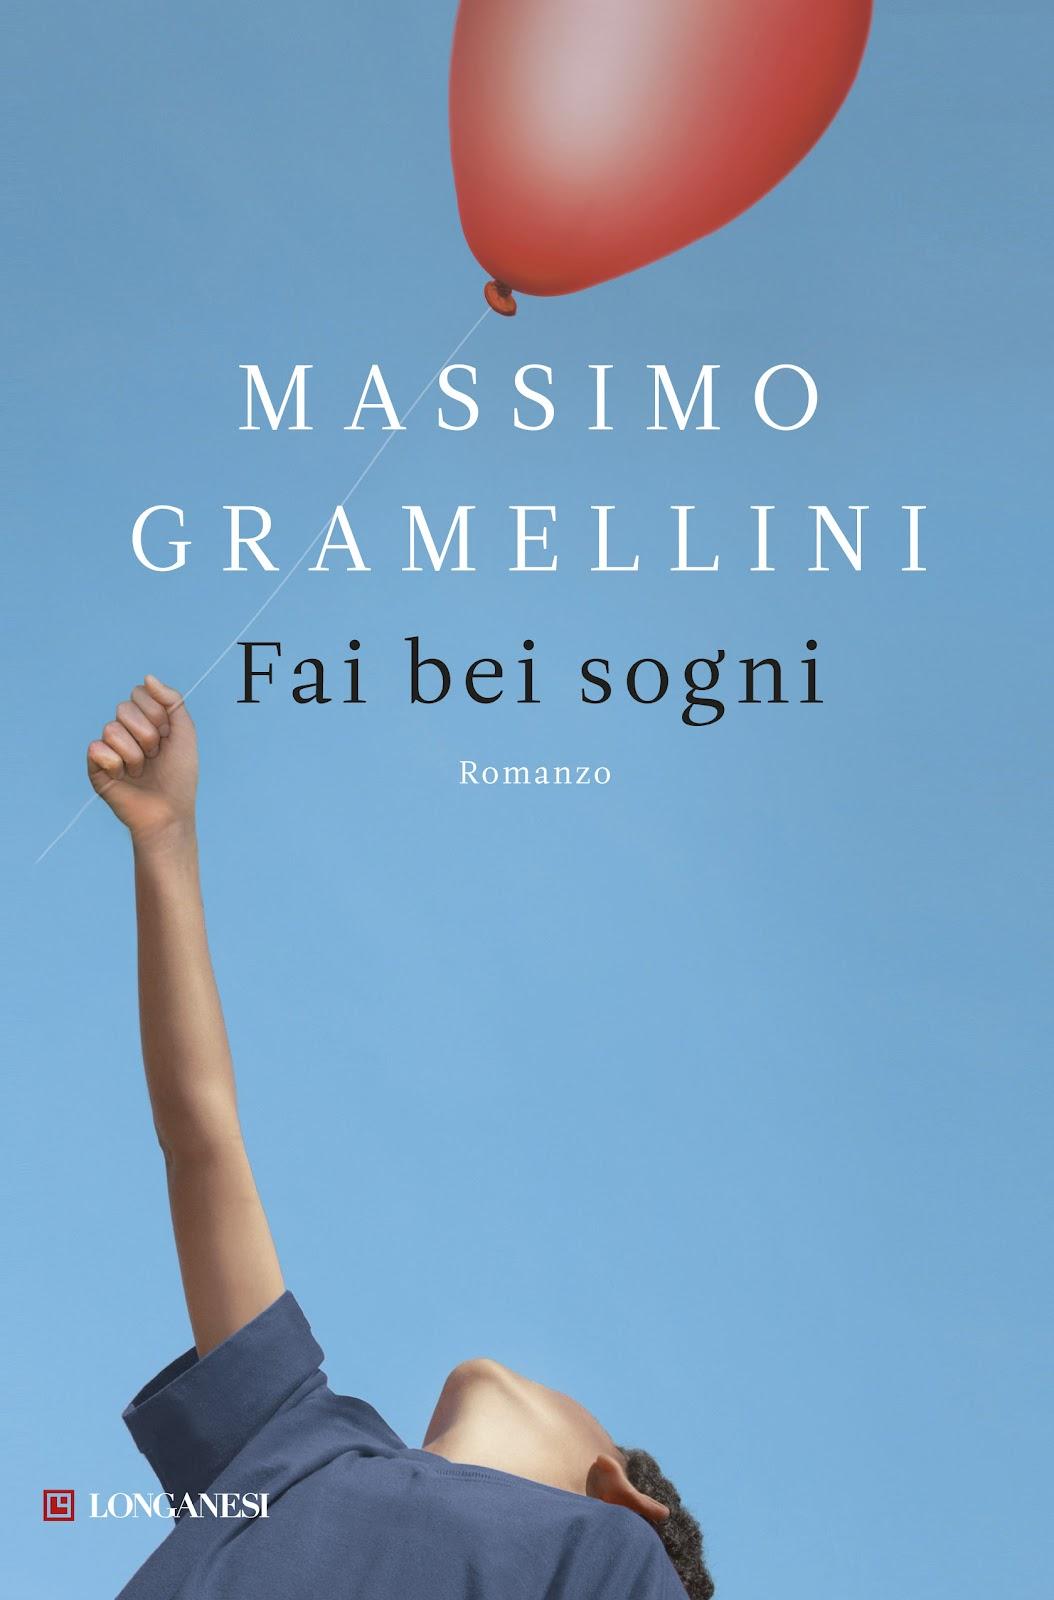 Fai bei sogni di Massimo Gramellini. Trama e recensione.